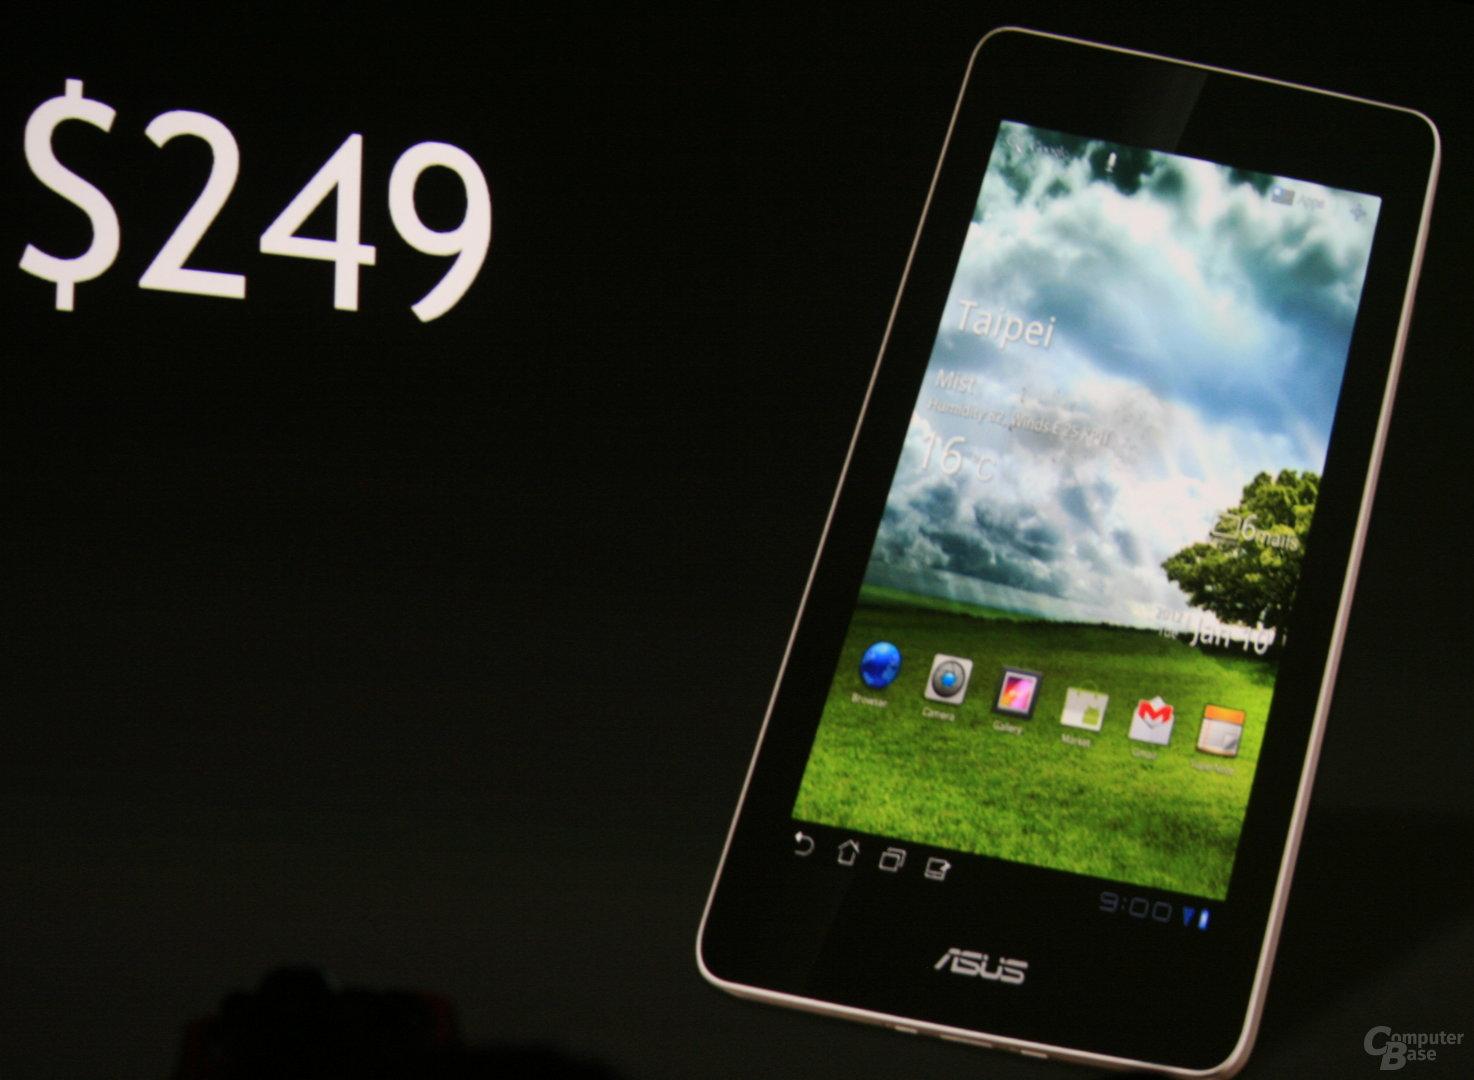 Asus' Tablet mit 7 Zoll für 249 US-Dollar